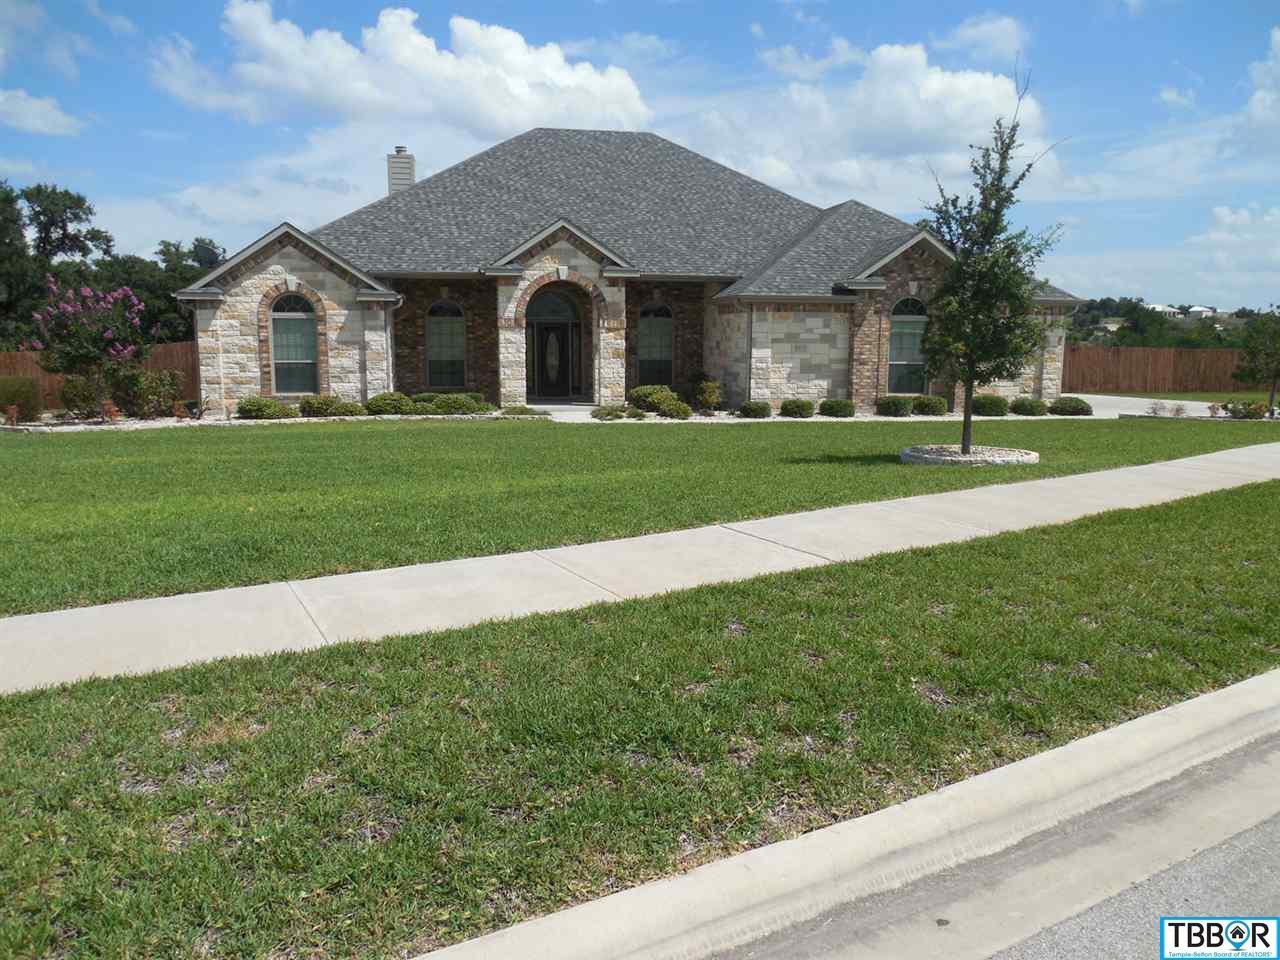 5405 Siltstone Lp., Killeen TX 76542 - Photo 1